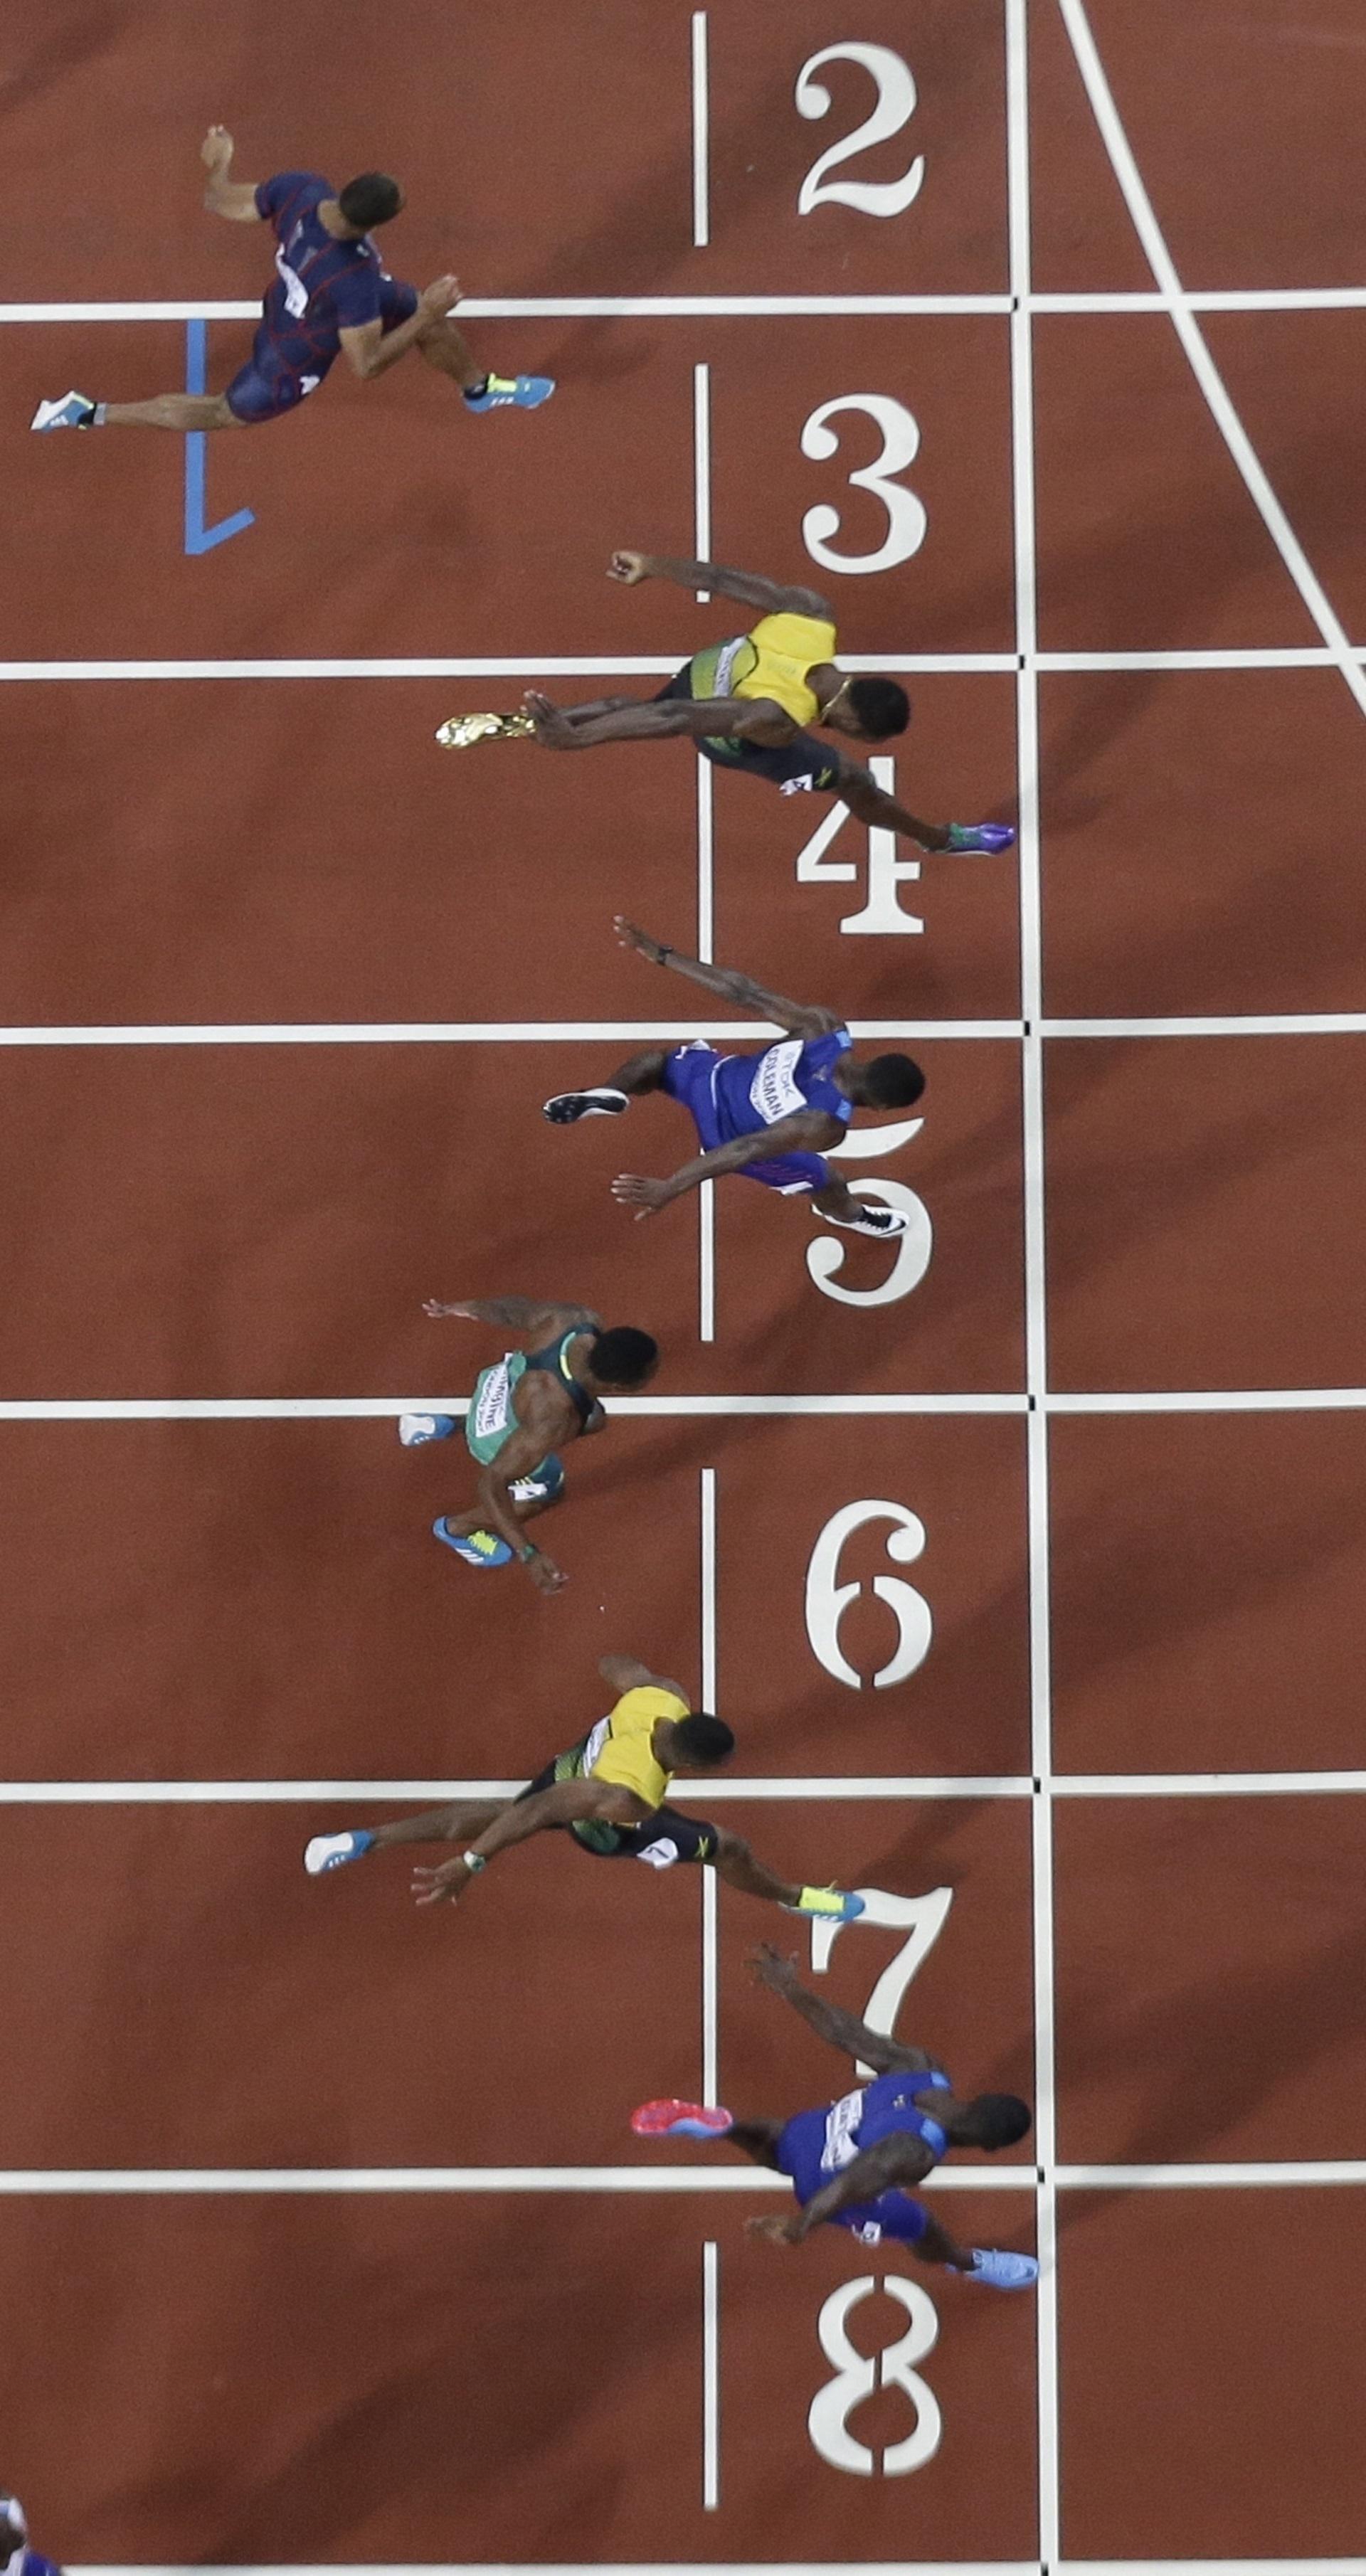 La reñida llegada de la final: Gatlin, Coleman y Bolt, los dueños del podio